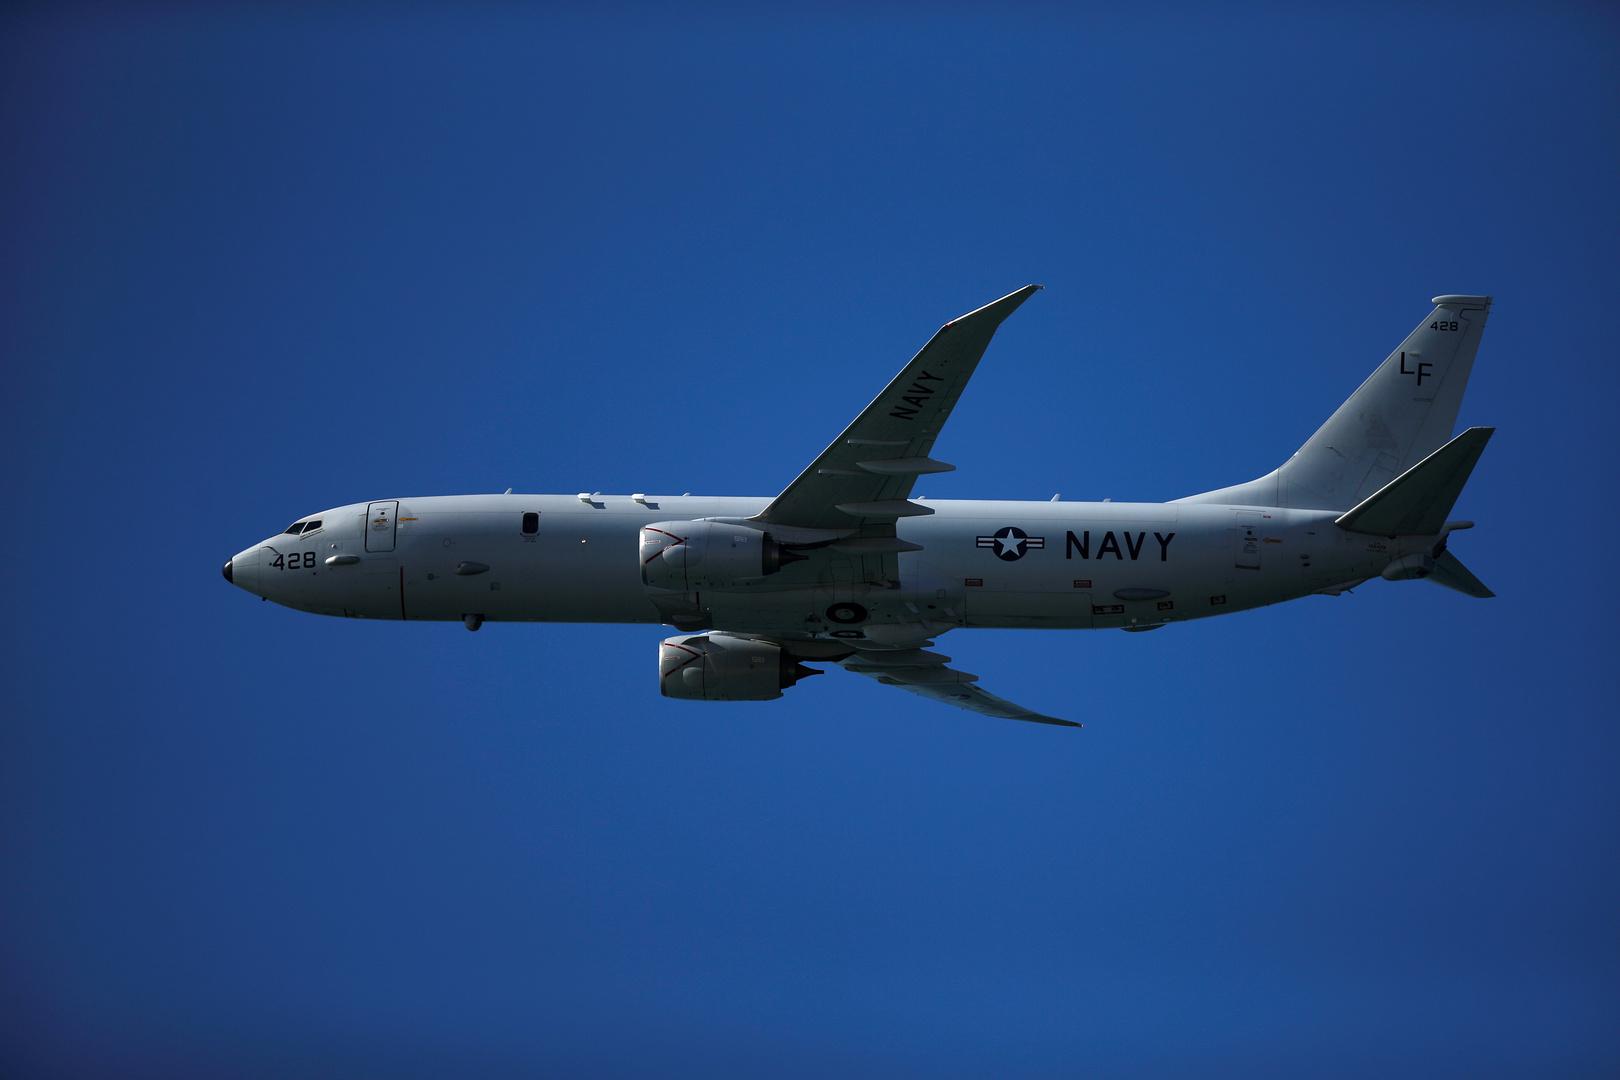 الخارجية الأمريكية توافق على بيع طائرات استطلاع للهند بقيمة أكثر من ملياري دولار